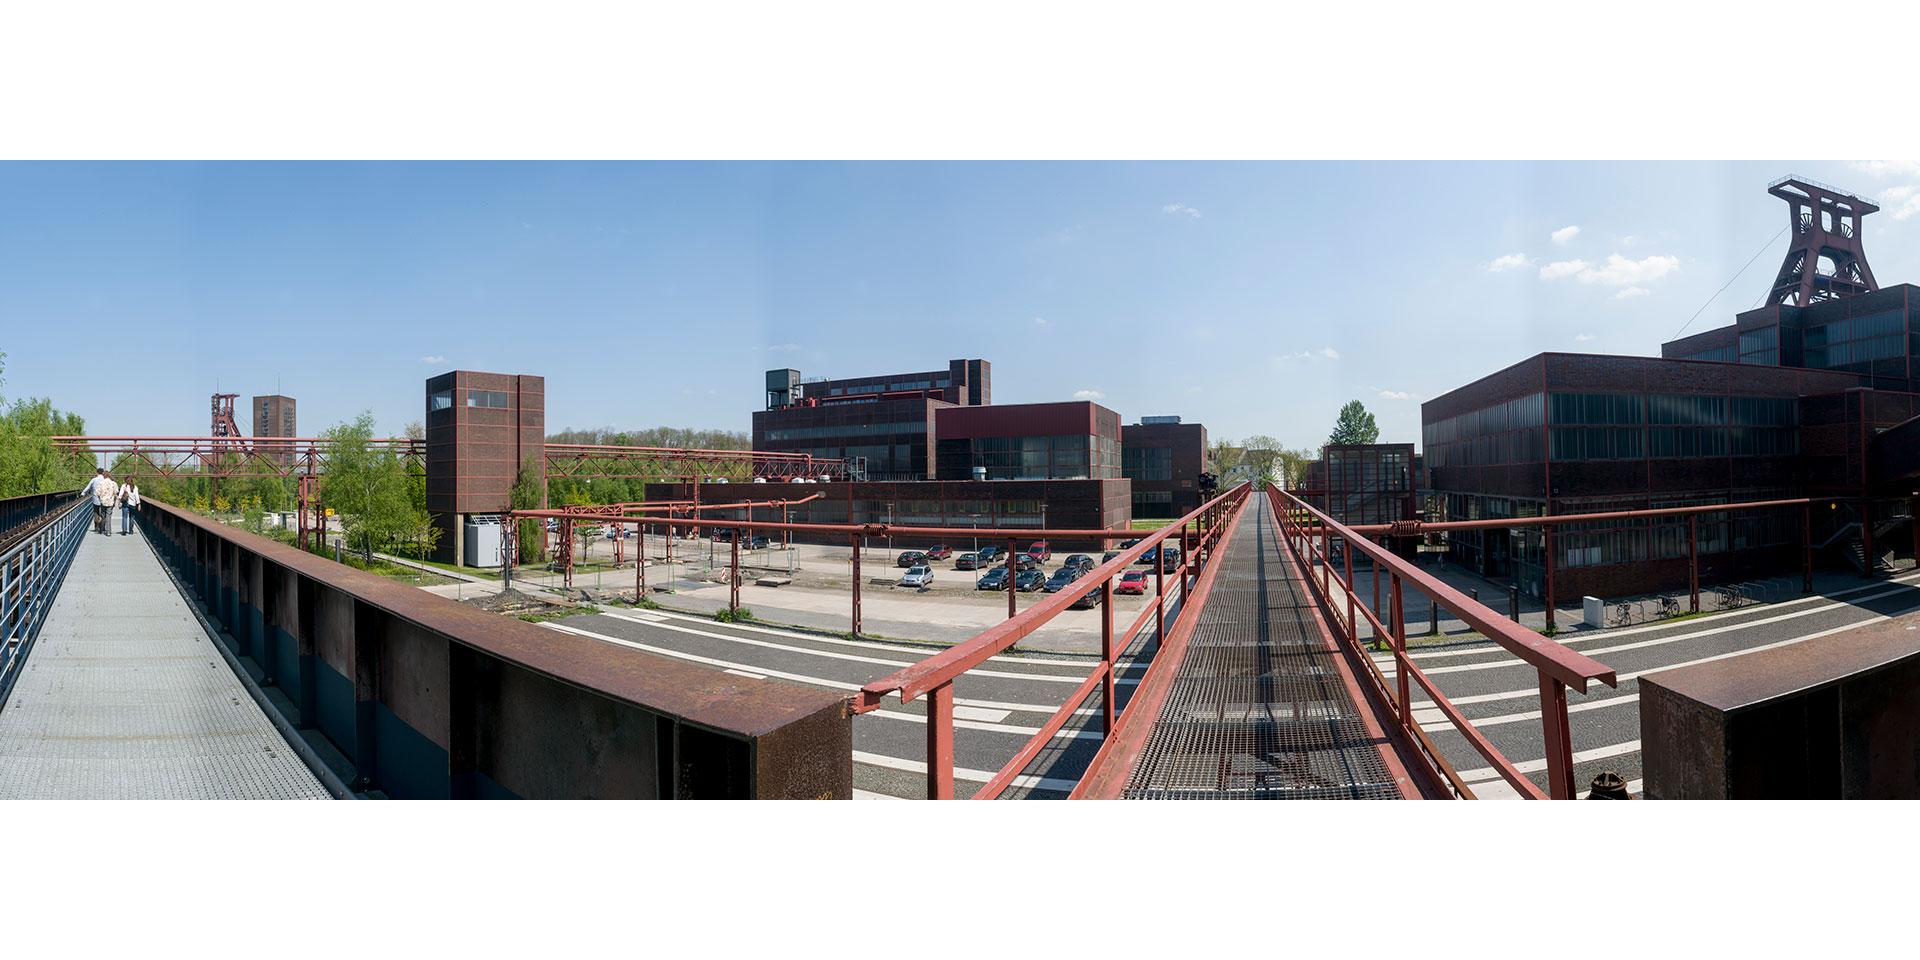 Zeche Zollverein - Essen - Deutschland